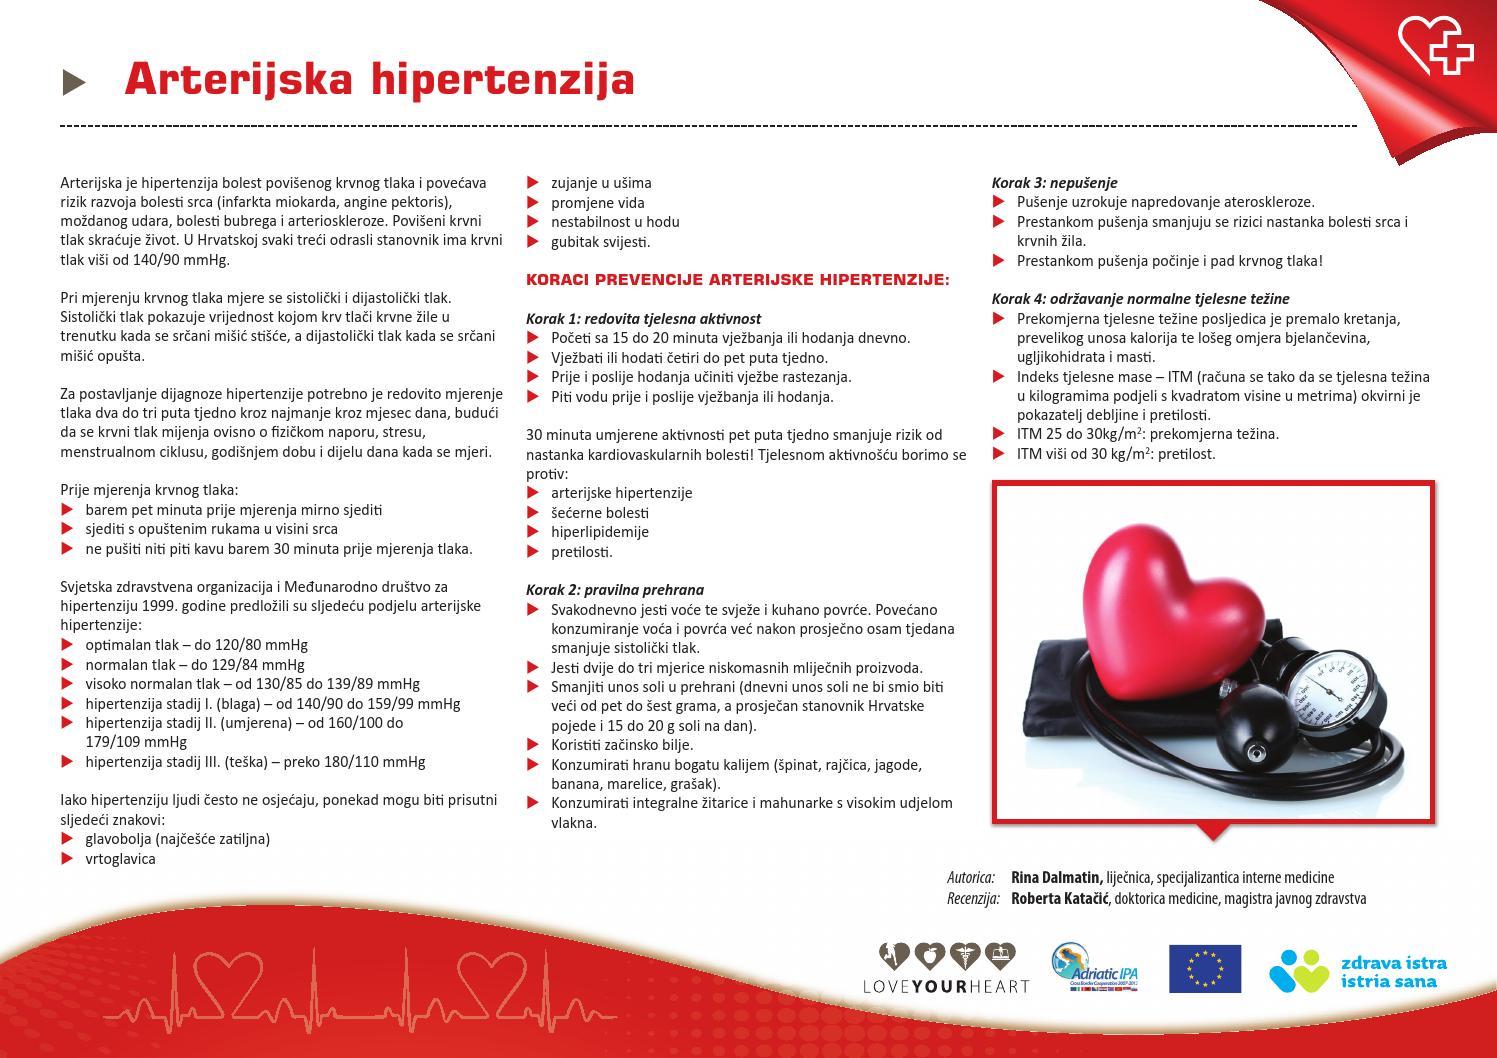 hipertenzija 3 3 rizik